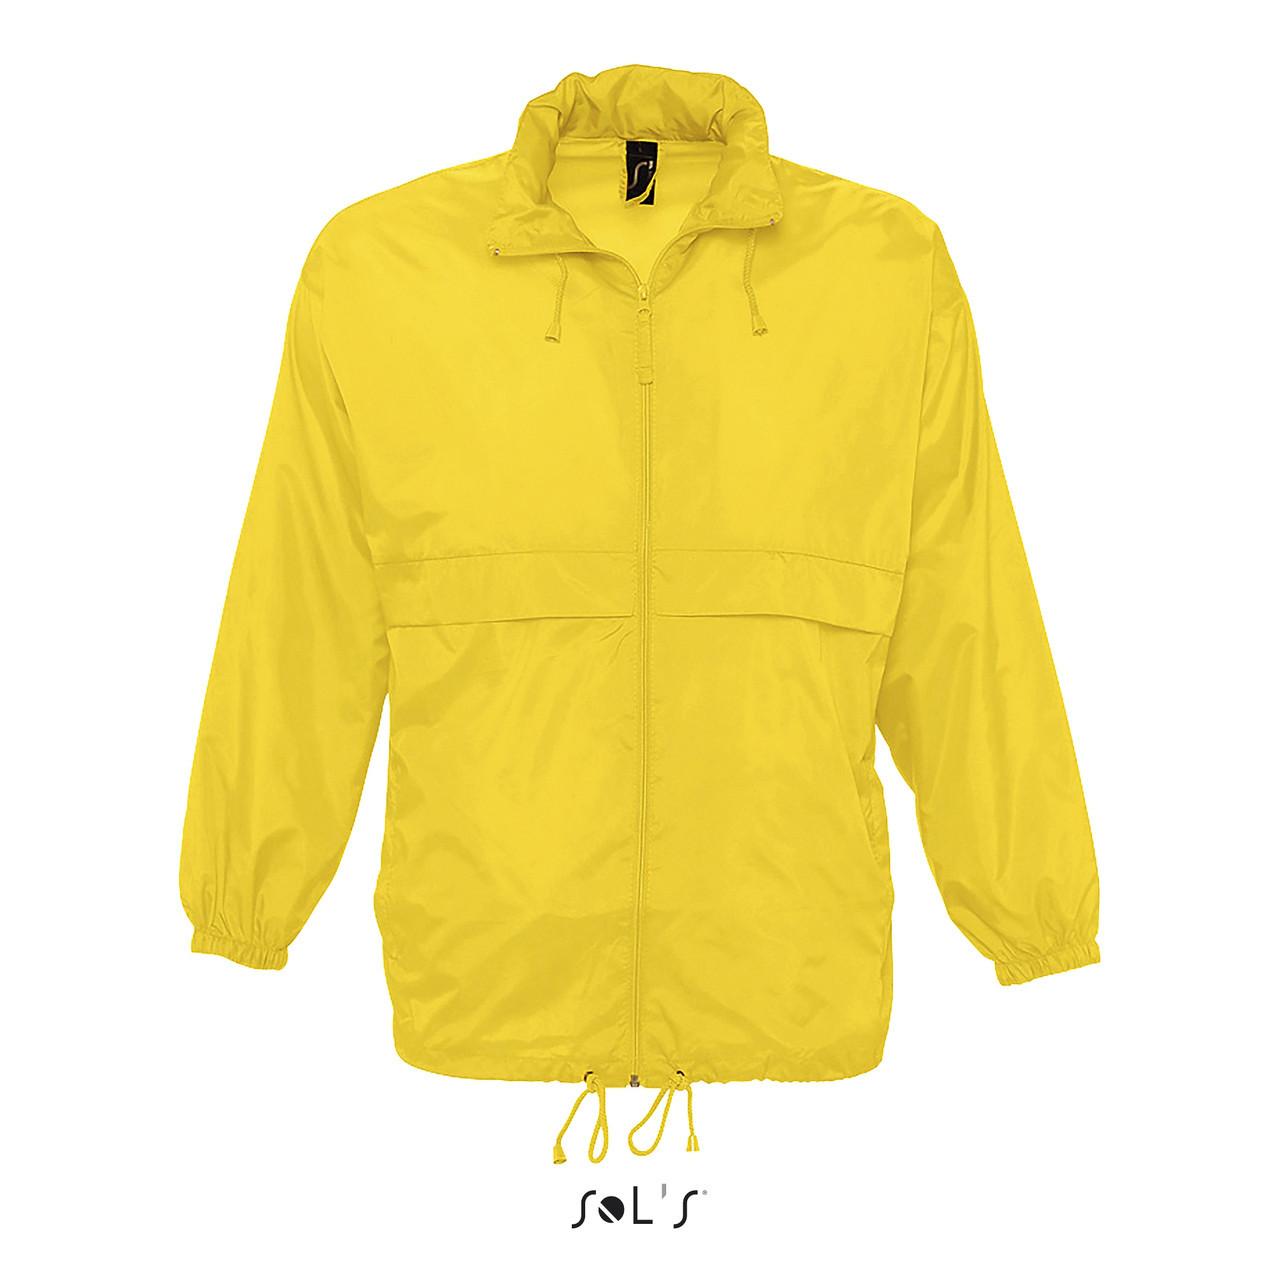 Водонепроницаемая ветровка Sols Surf, Желтая L